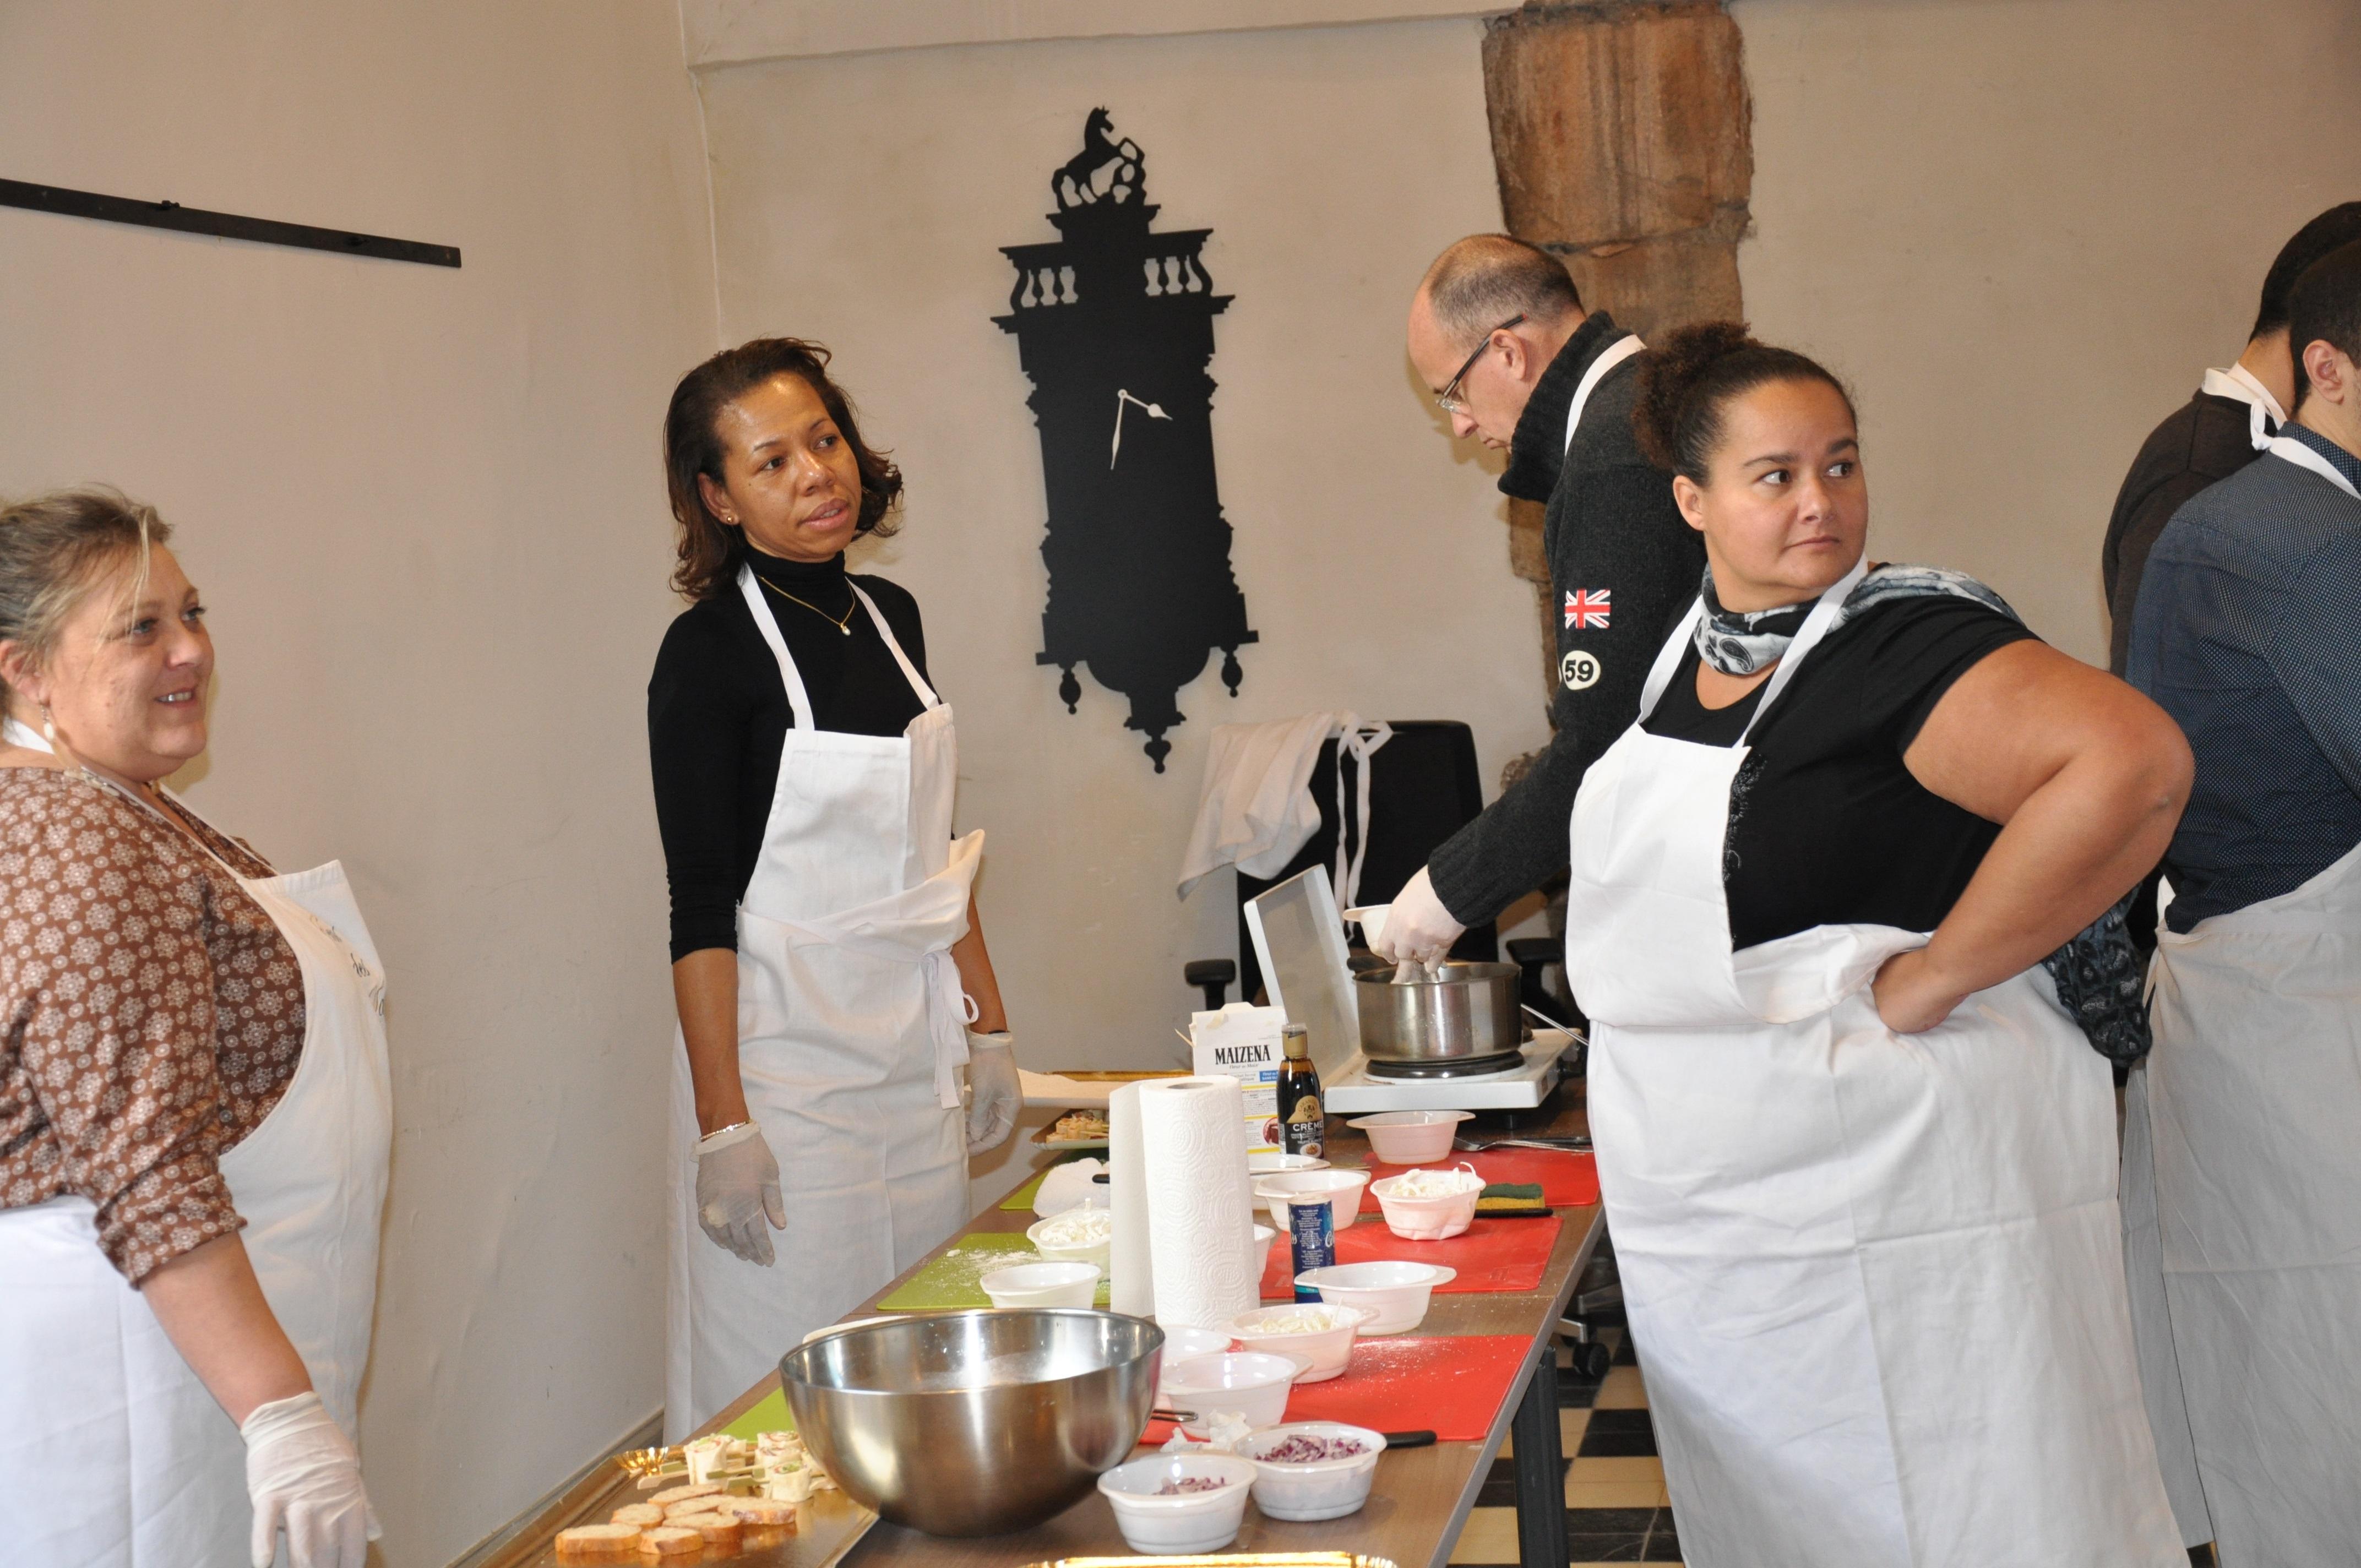 Cours-de-cuisine-entreprise-28